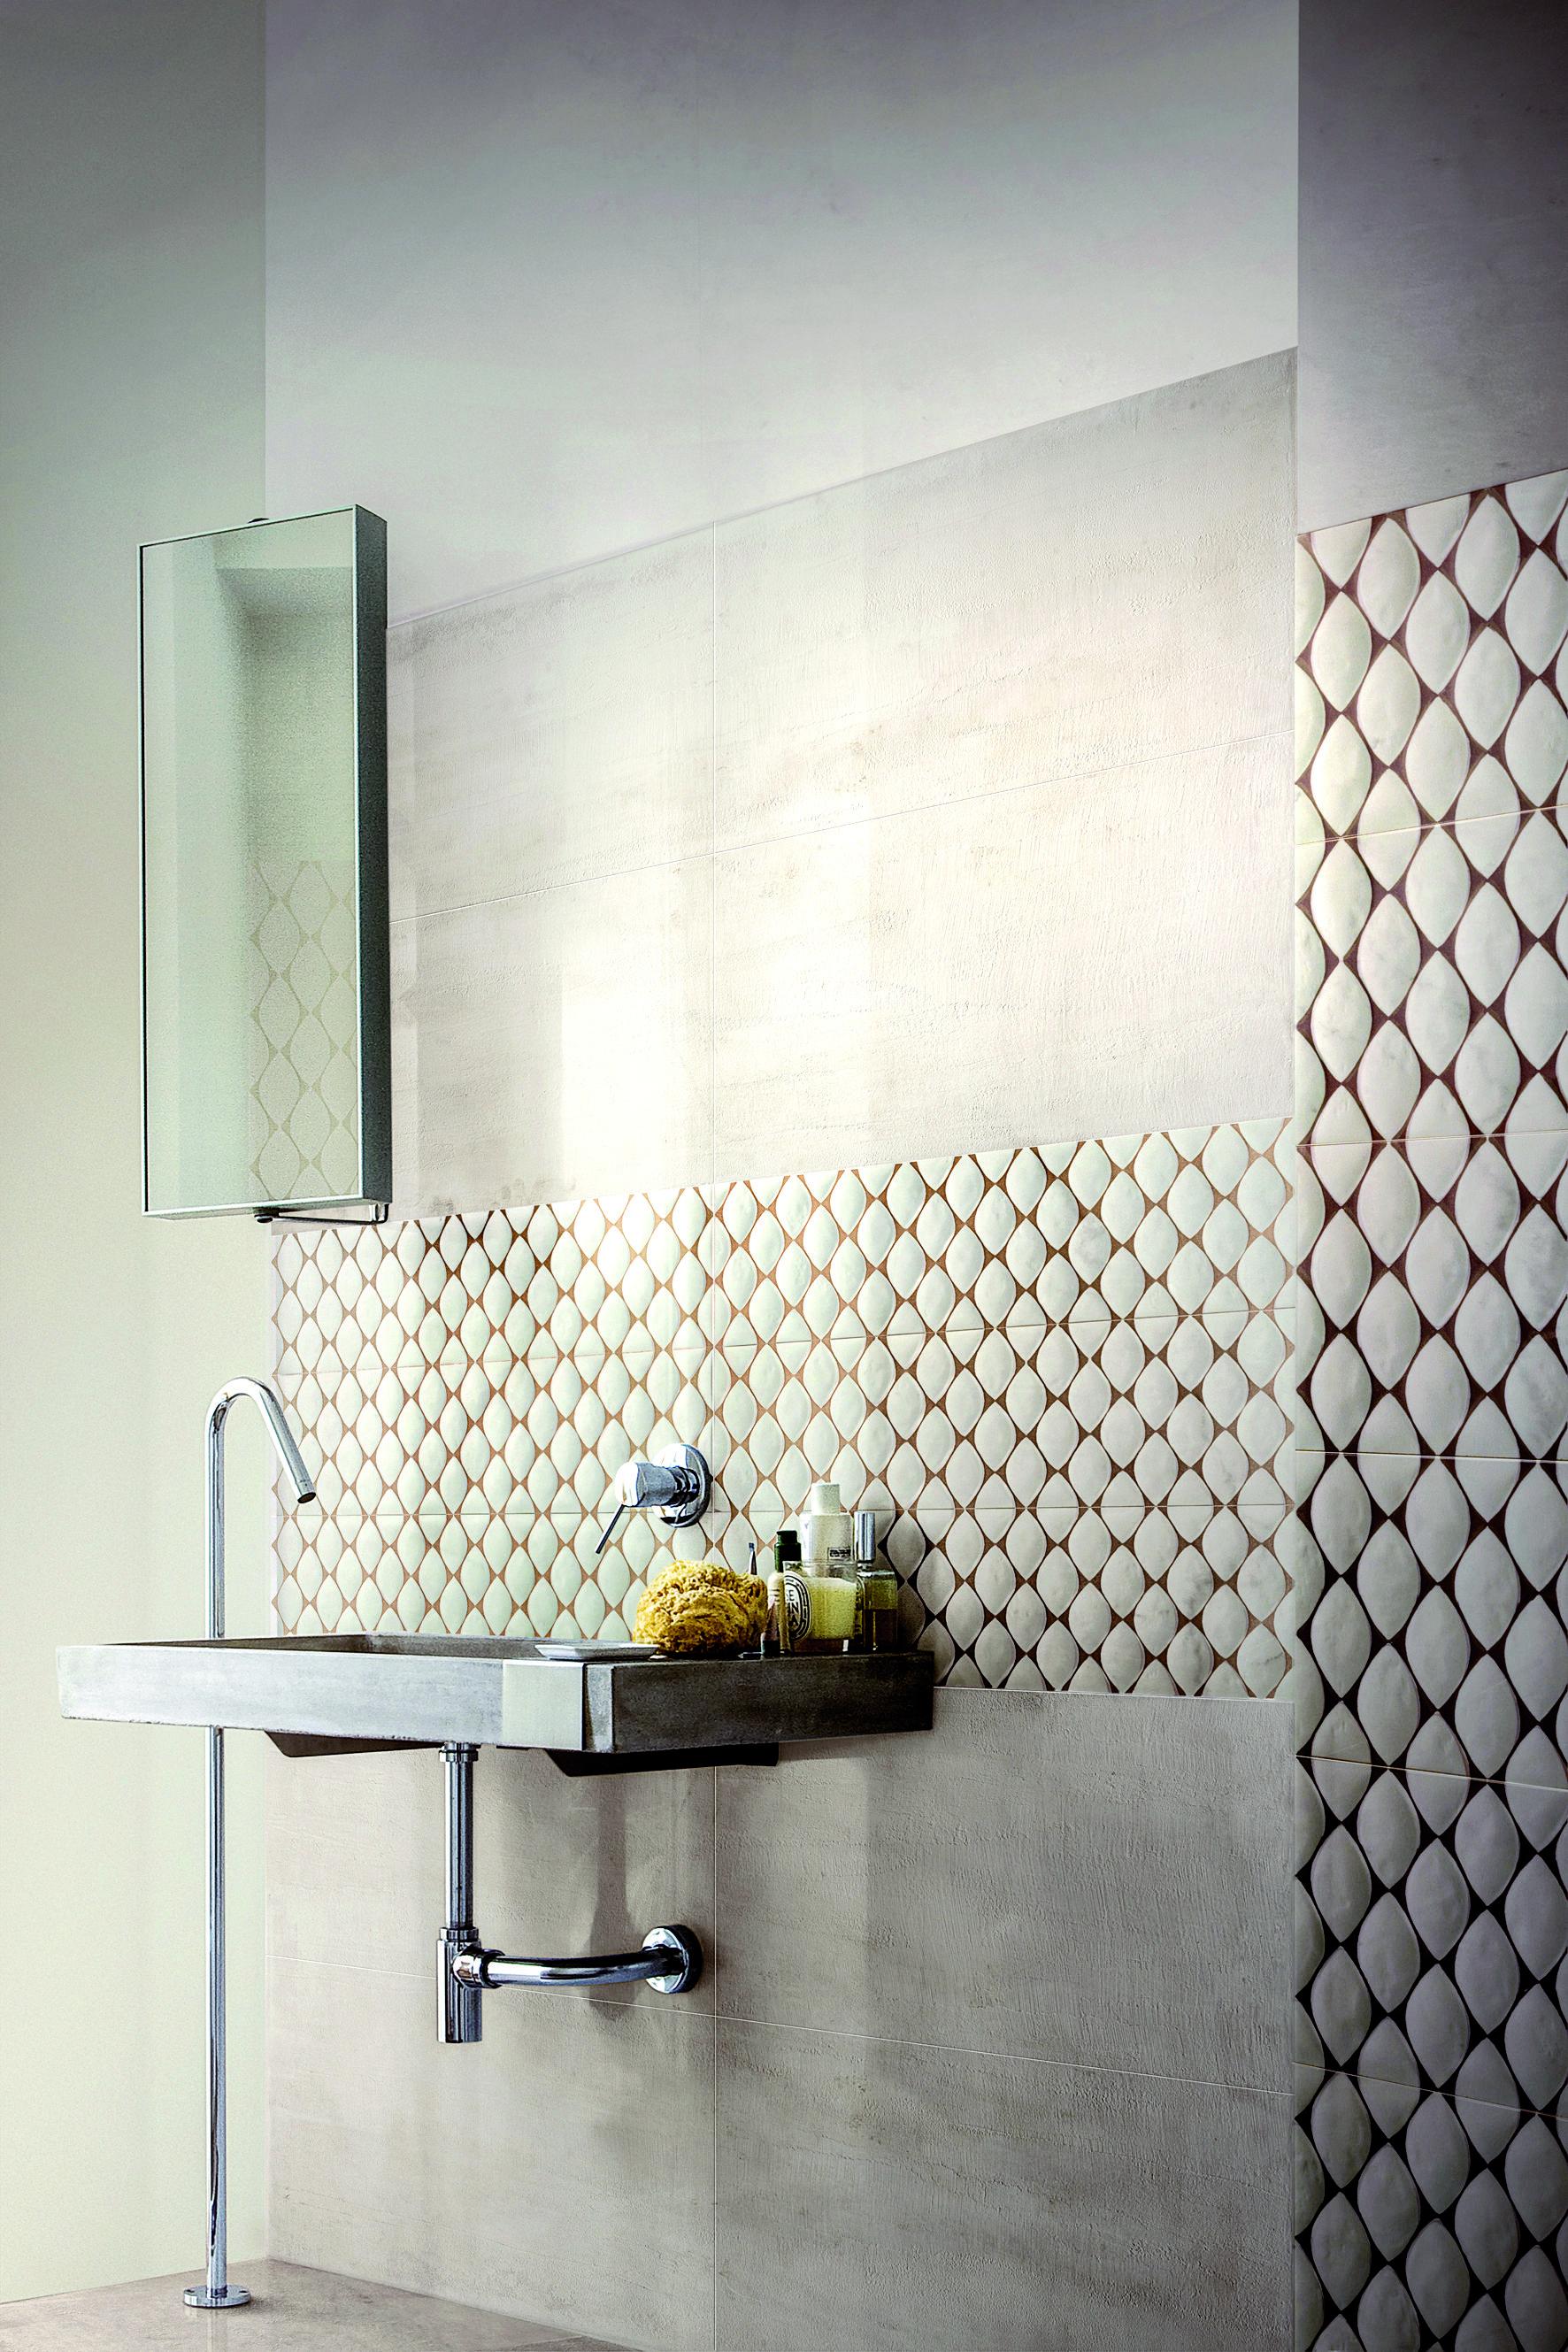 Badezimmer Fliesen Modern Muster Mosaik Beton Luxury Tile Glass Decor Tile Bathroom